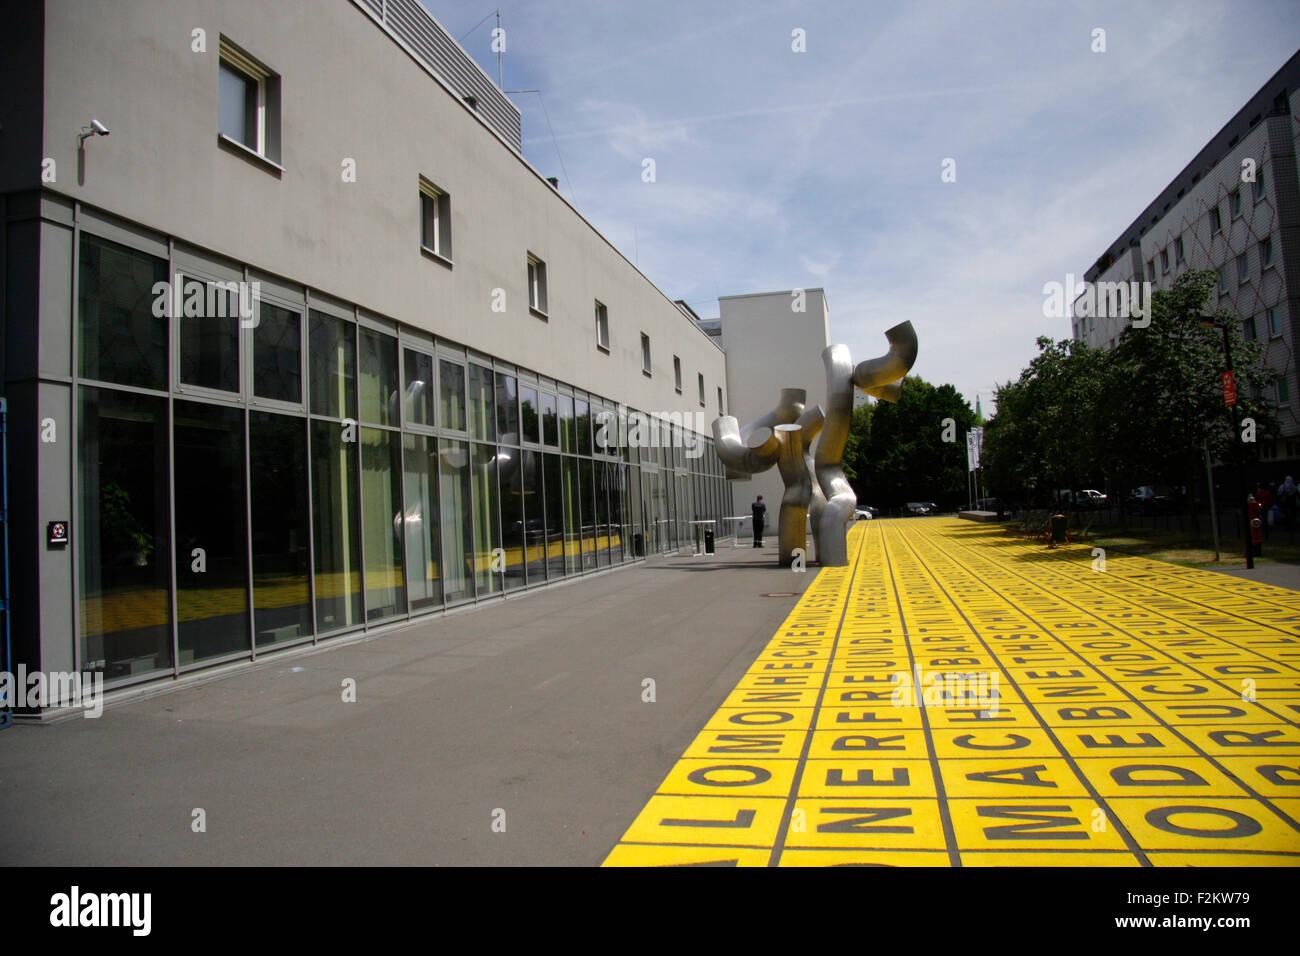 Berlinische Galerie, Berlin. Stock Photo